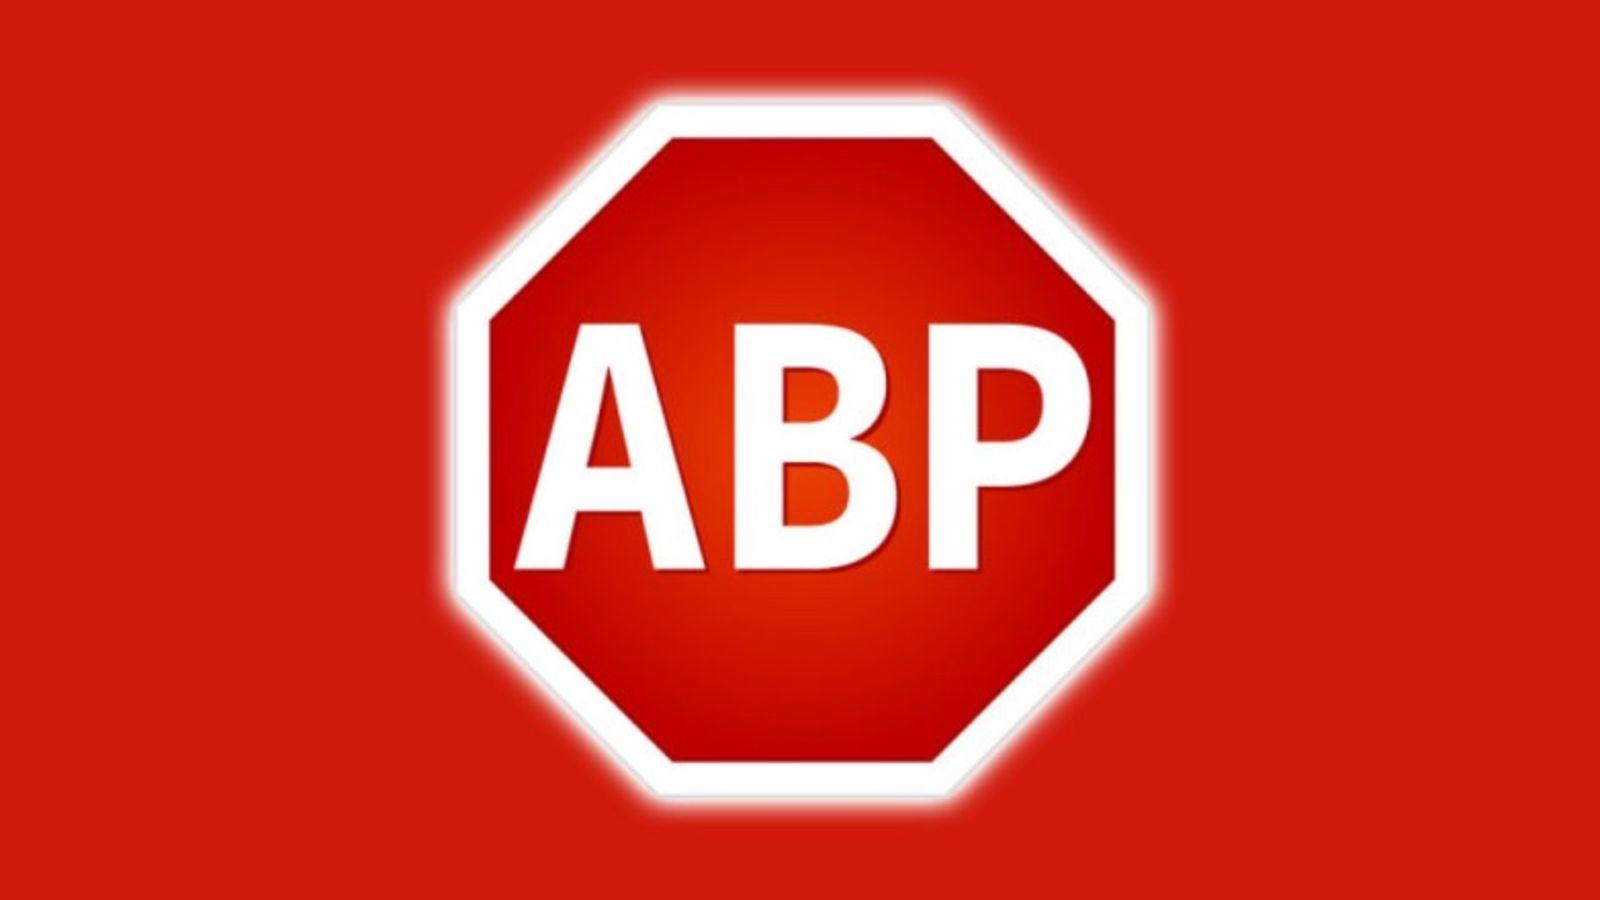 В AdBlock Plus нашли уязвимость: через него можно запускать произвольный код